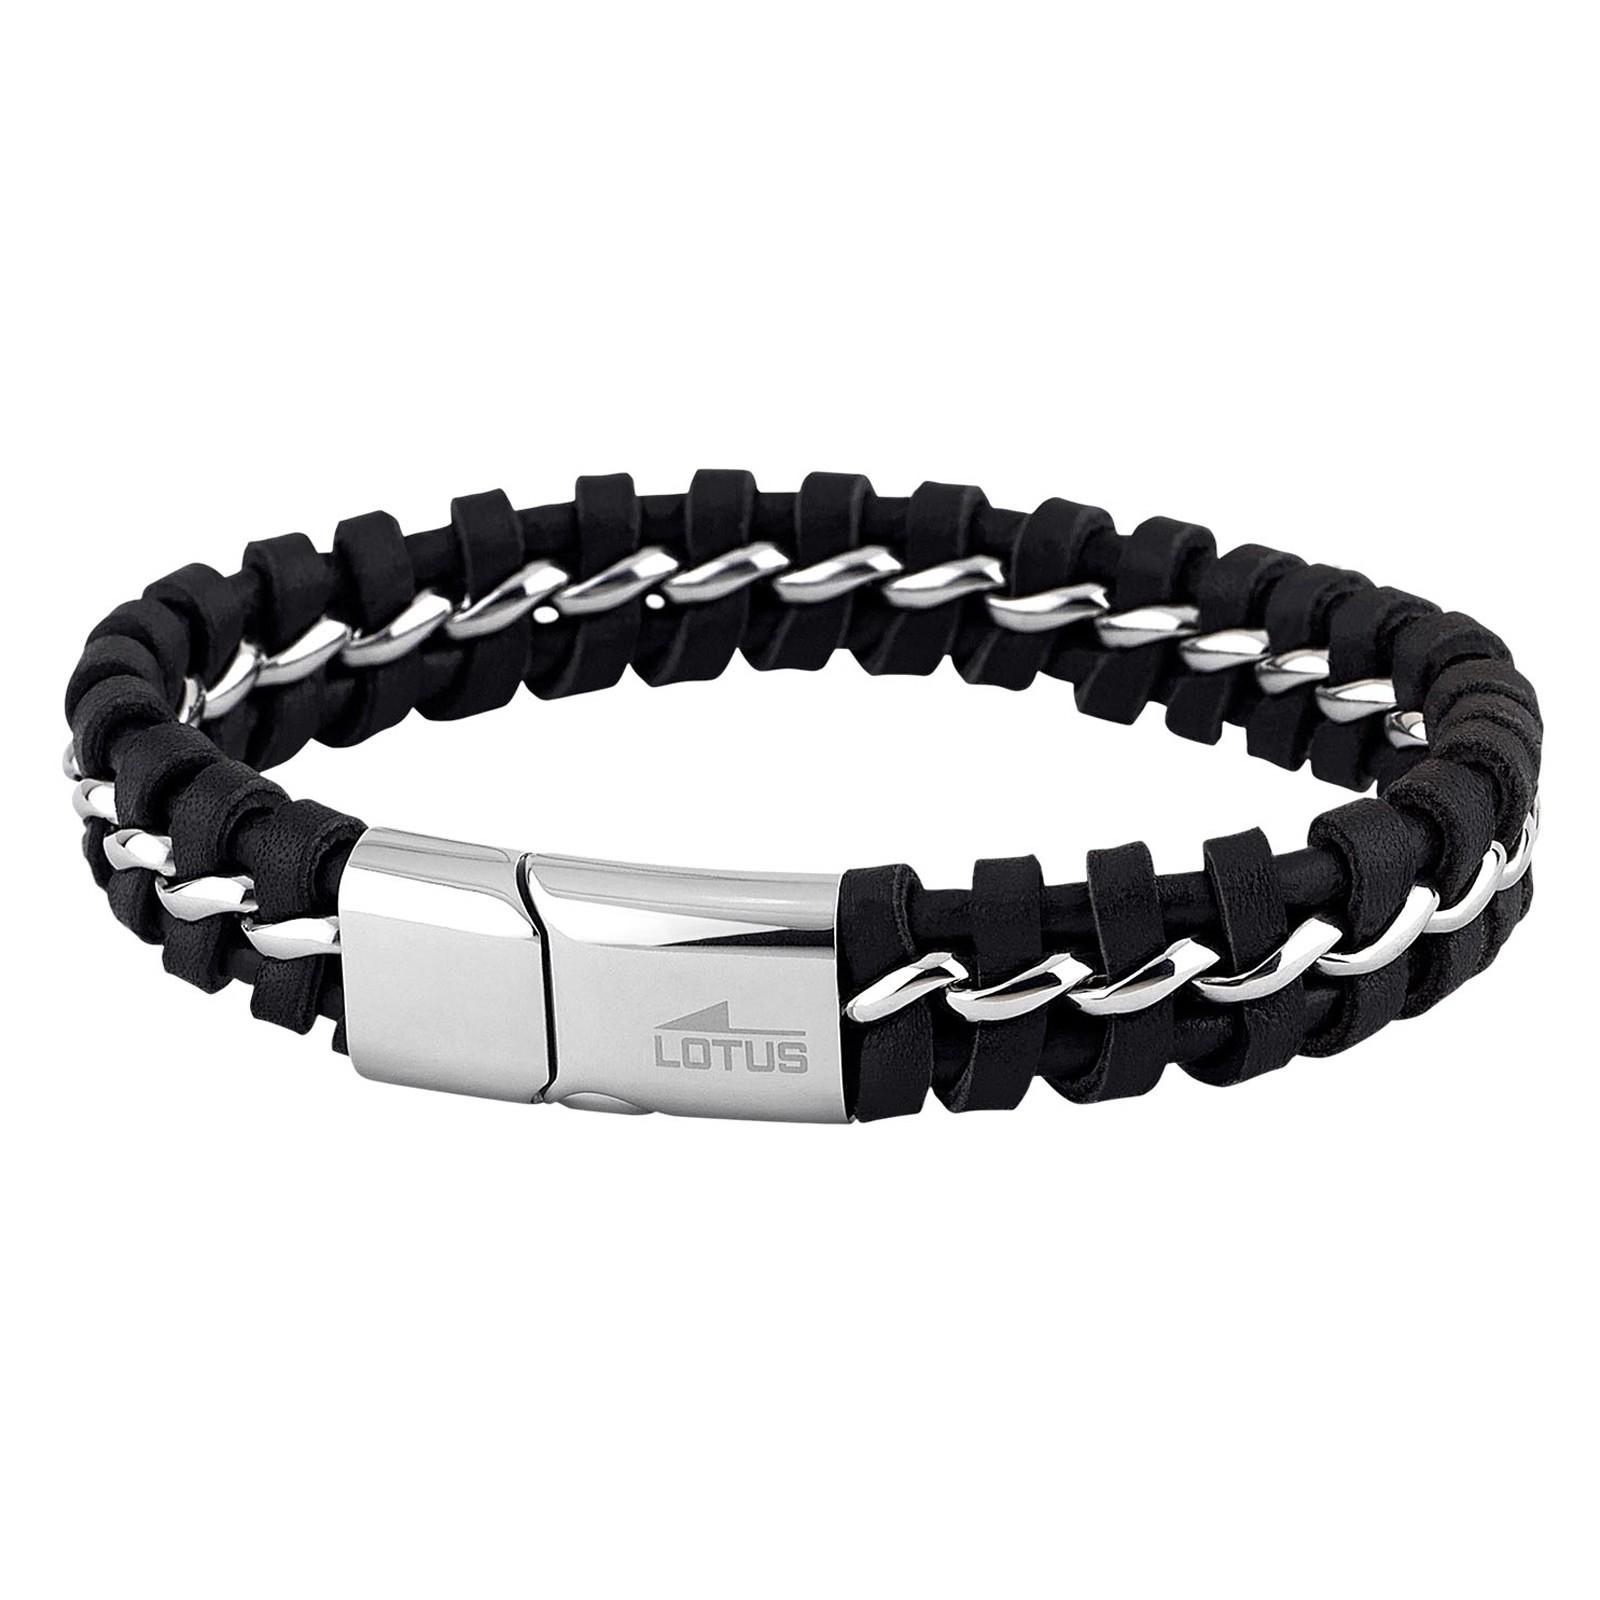 LOTUS Style Herren Armband Men in Black Edelstahl-Schmuck JLS1740-2-2